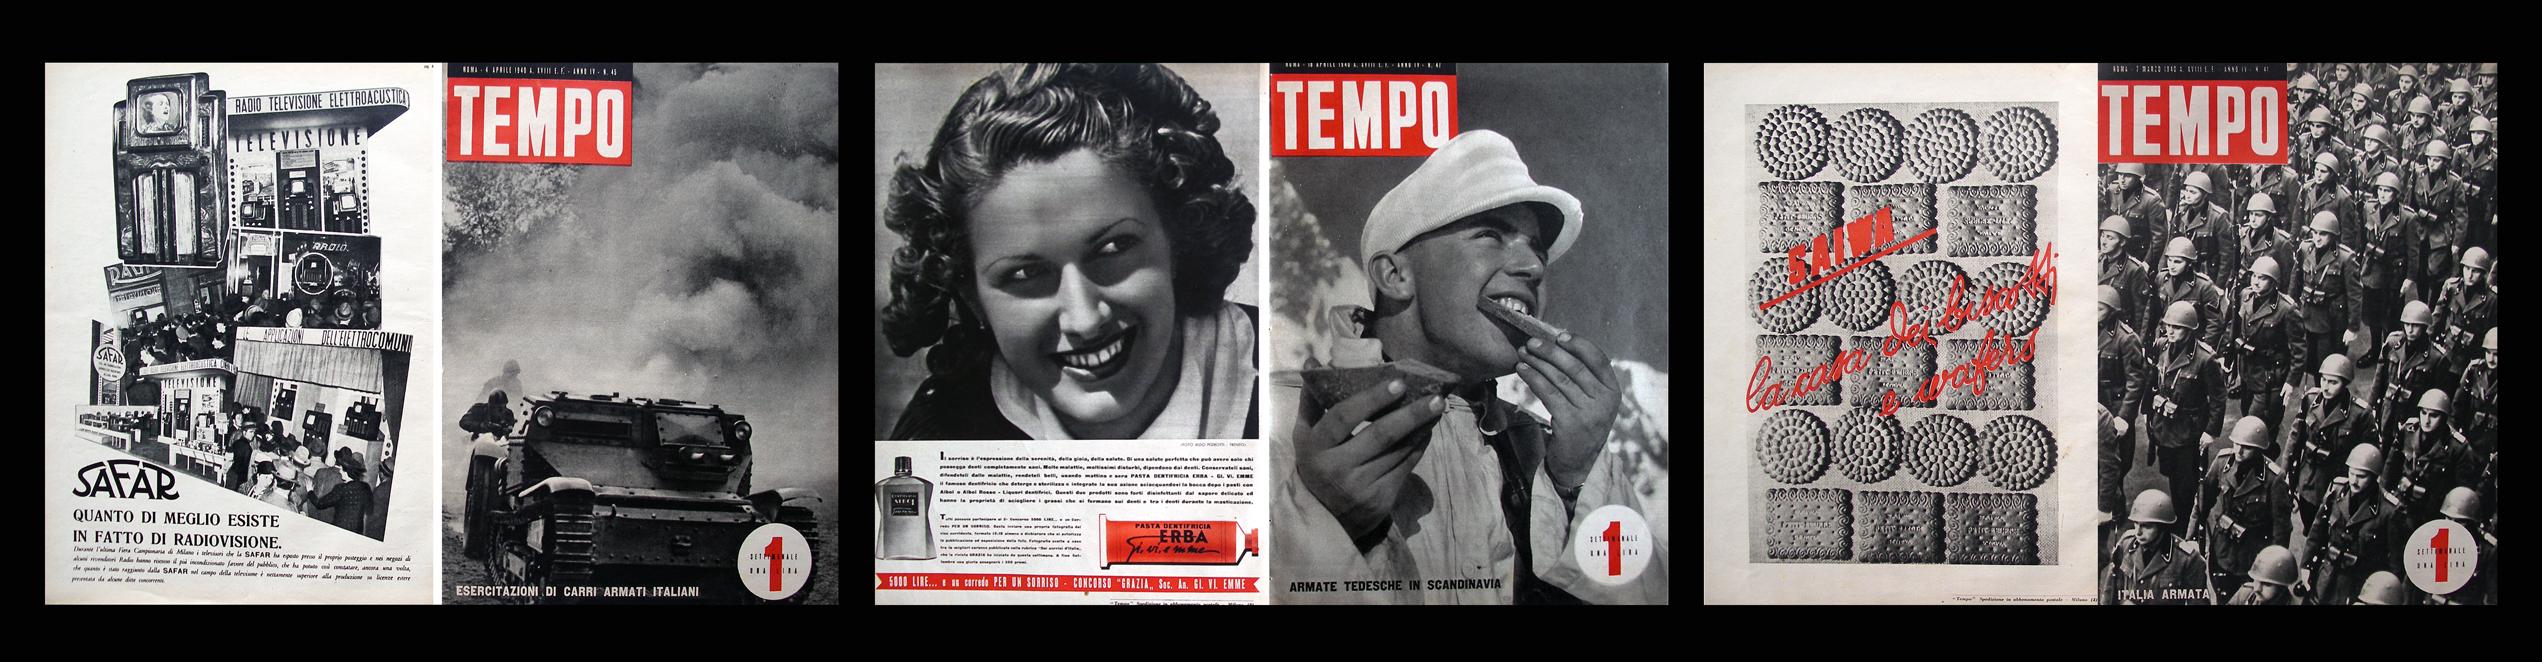 Fausto Colevacchia 'Tempo' pagine originali di riviste del 1940 incorniciate 2010 180 x 43cm (trittico) © Cultural Documents